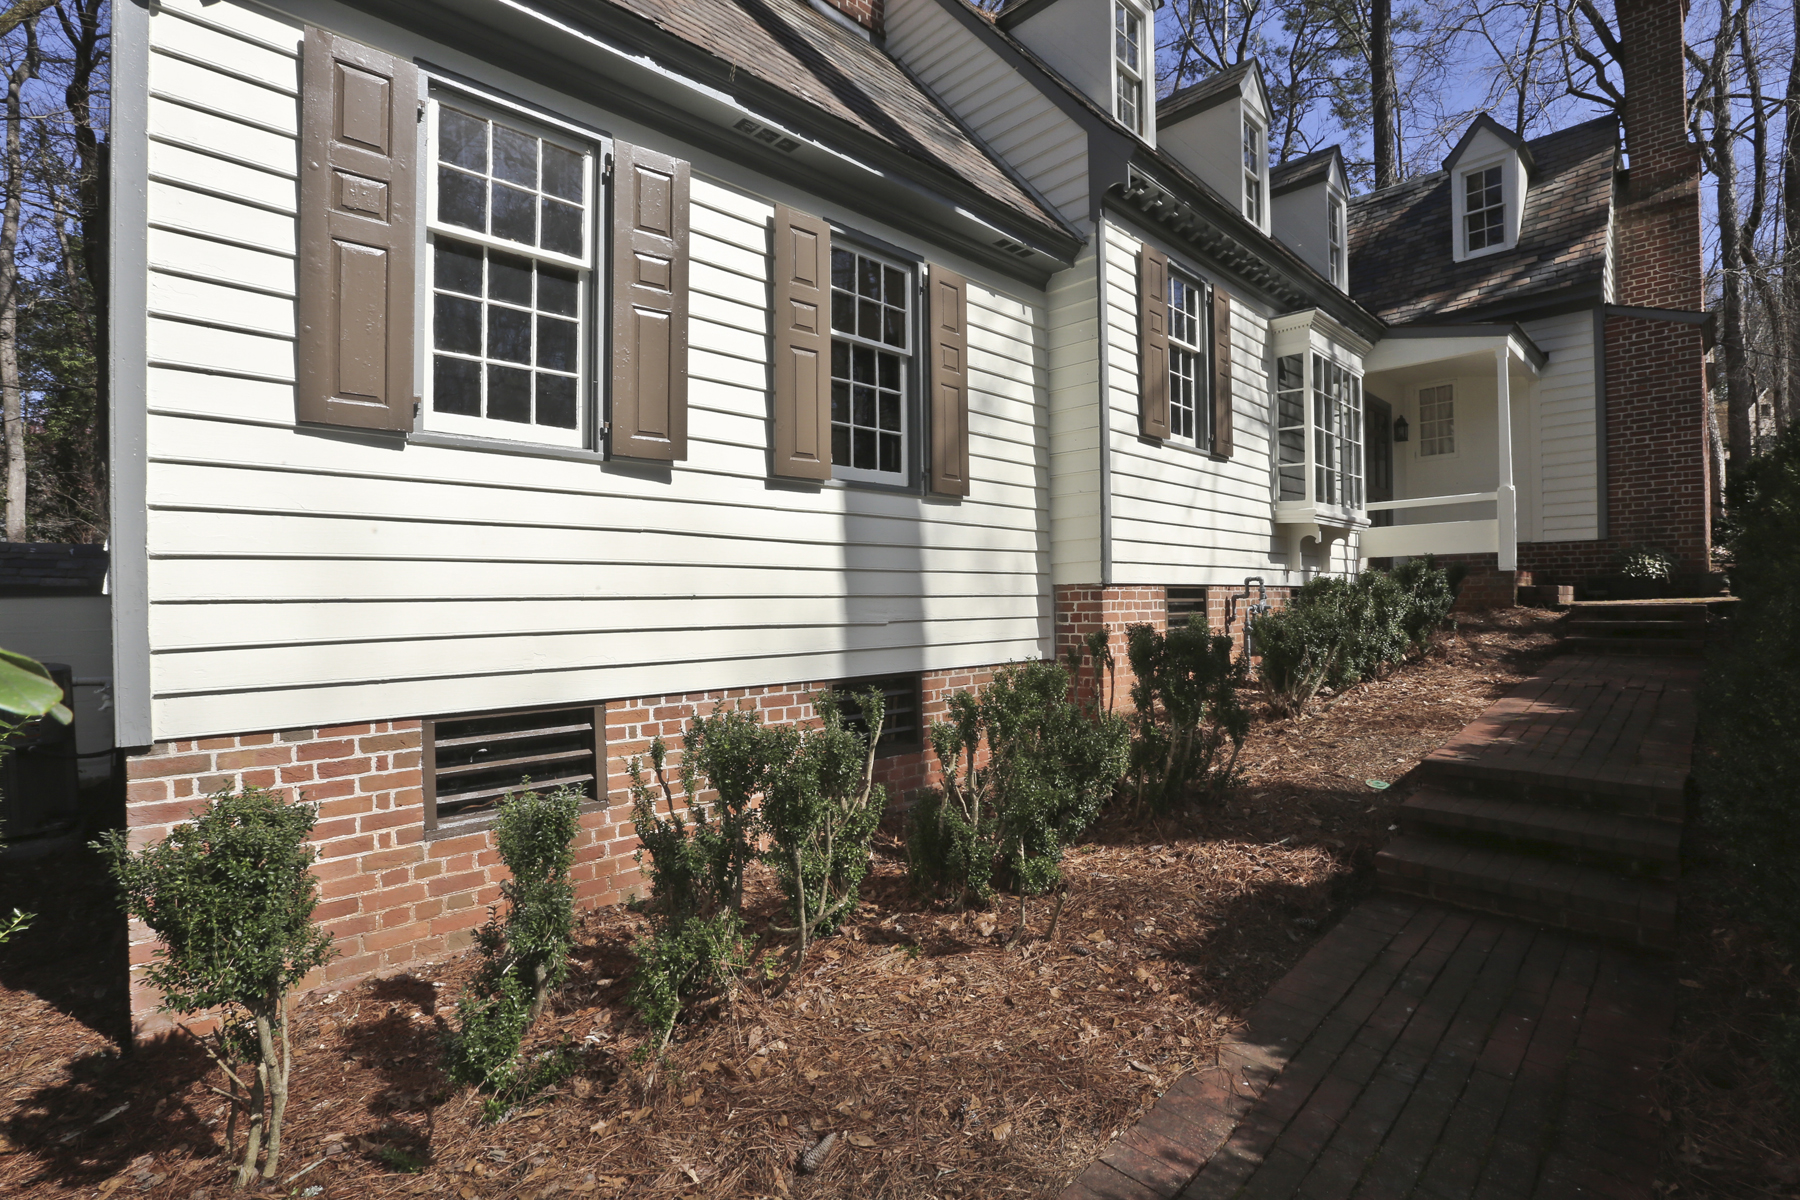 단독 가정 주택 용 매매 에 Charming Williamsburg Home On 1.2 Acre Lot 1215 E Beechwood Drive Buckhead, Atlanta, 조지아, 30327 미국